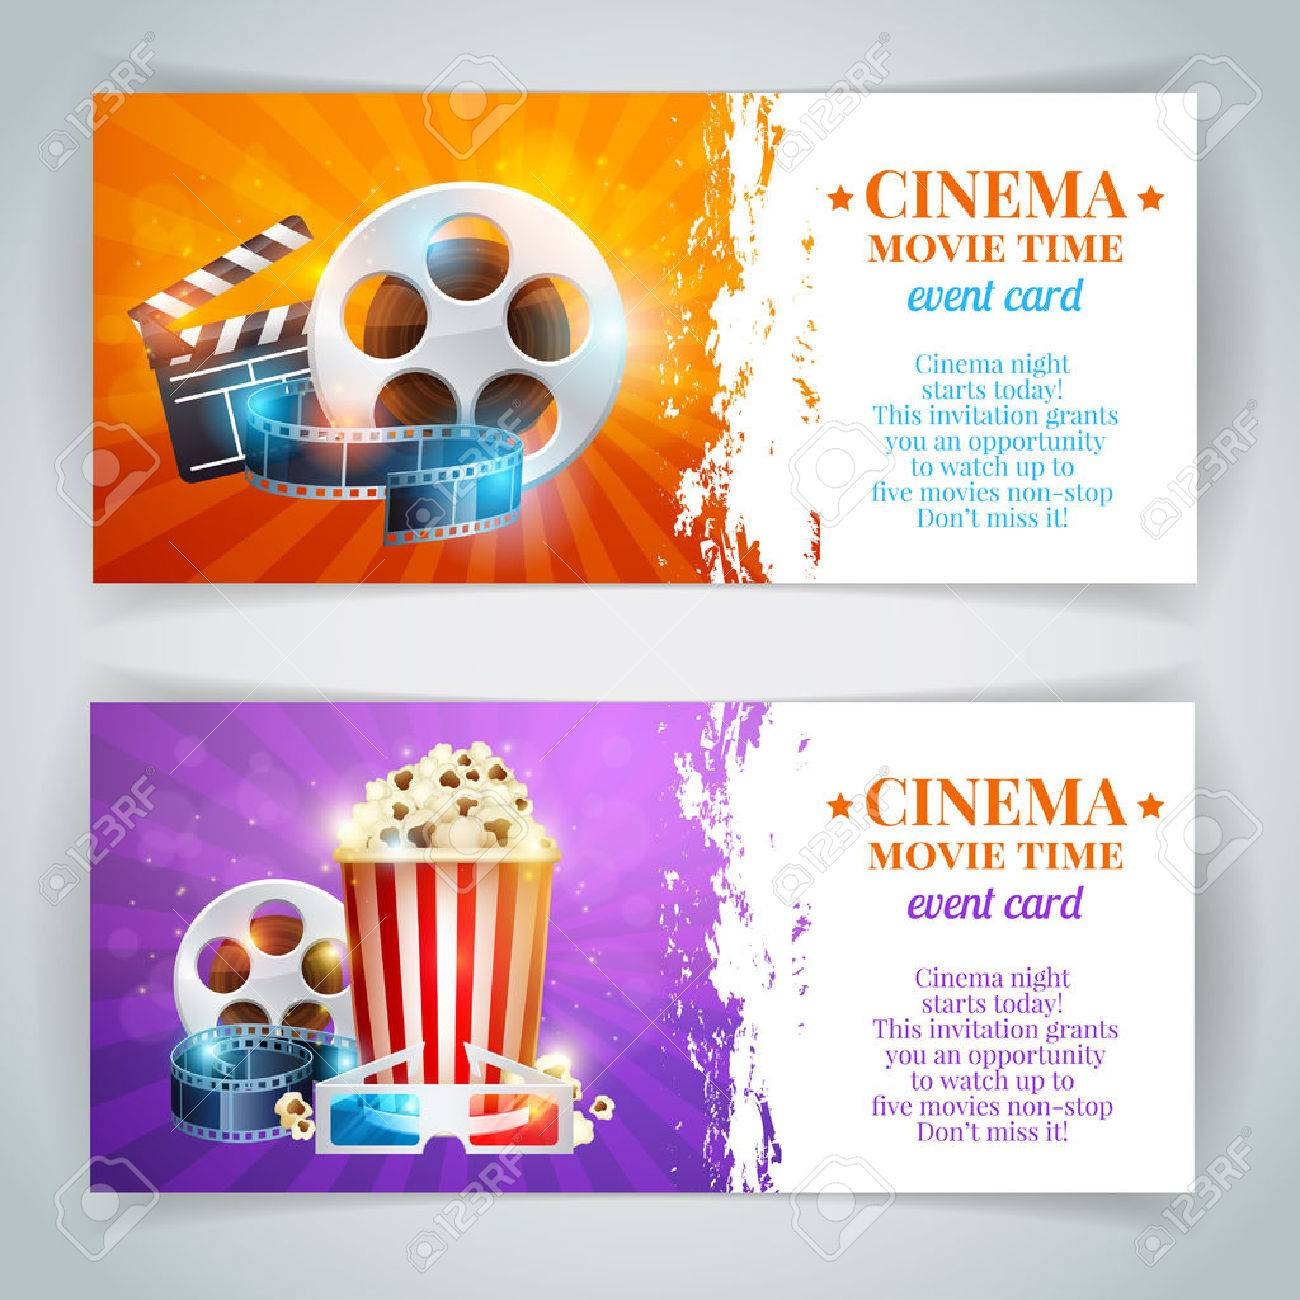 Realistische Kino Filmplakat-Vorlage Mit Filmrolle, Klöppel, Popcorn ...